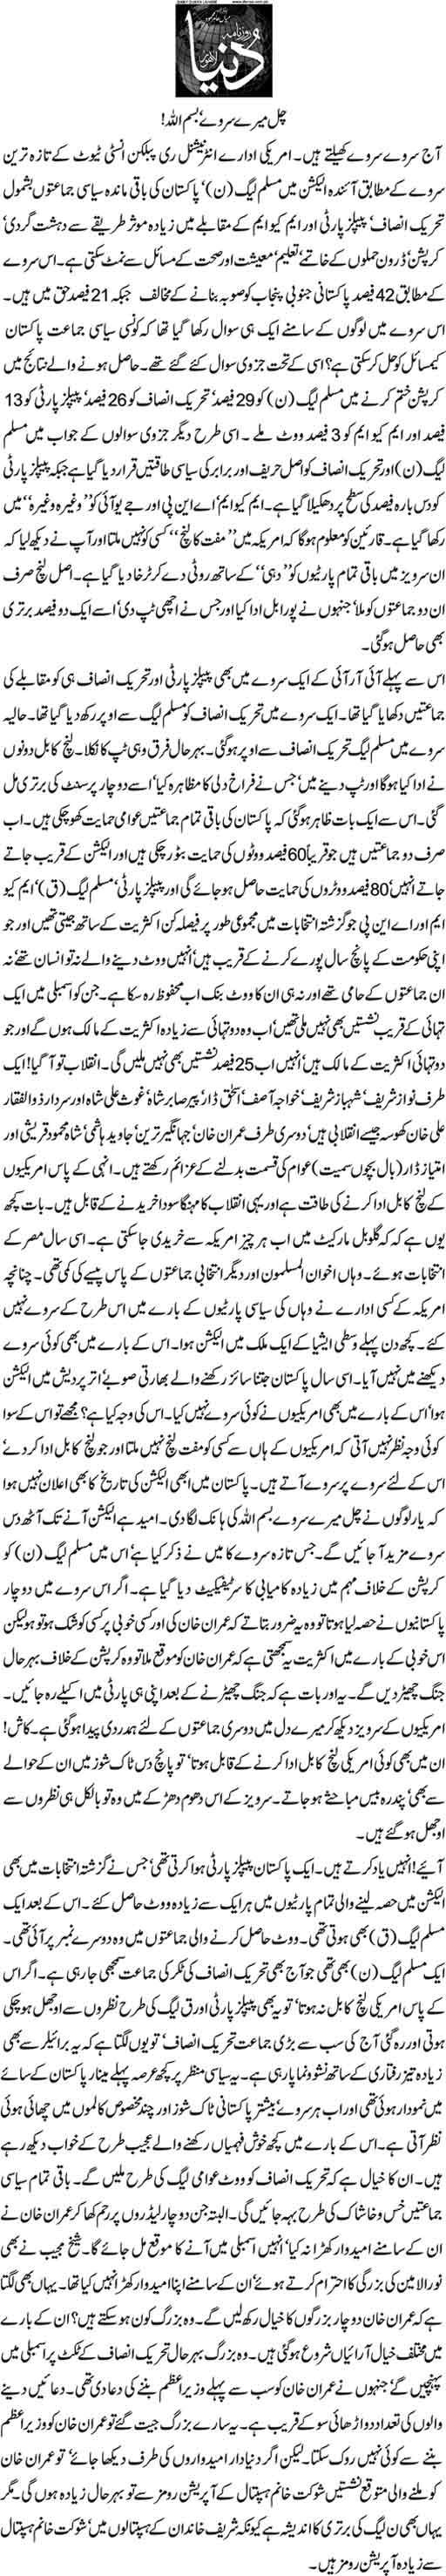 Chal mere sarway'Bismillah! - Nazeer Naji